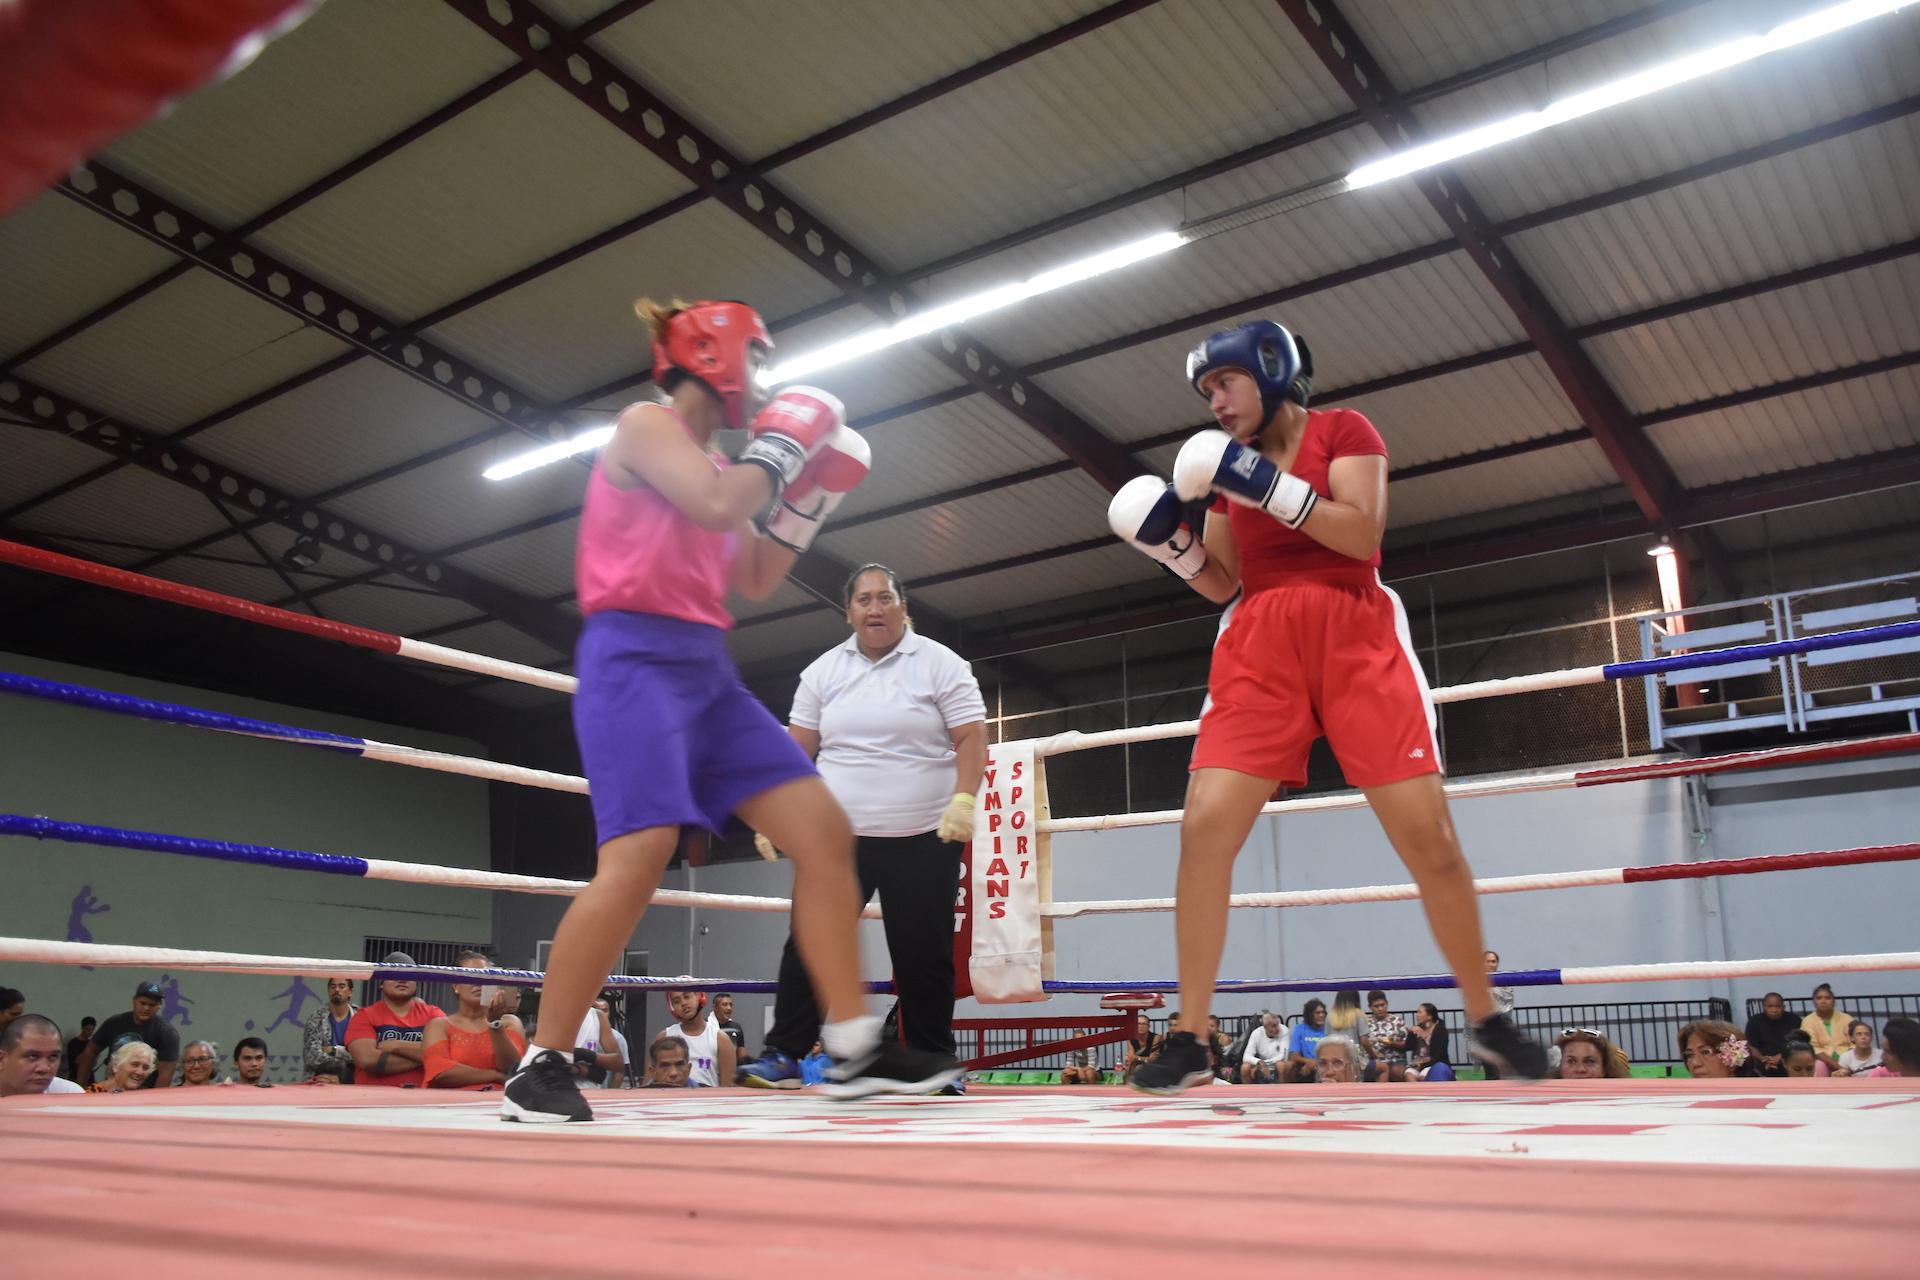 Une confrontation féminine était également au programme. Lokelani Flesh-Golaz (casque bleu), boxeuse licenciée à Toroura, a dominé Herarii Tara licenciée au Ohana Boxing Club.